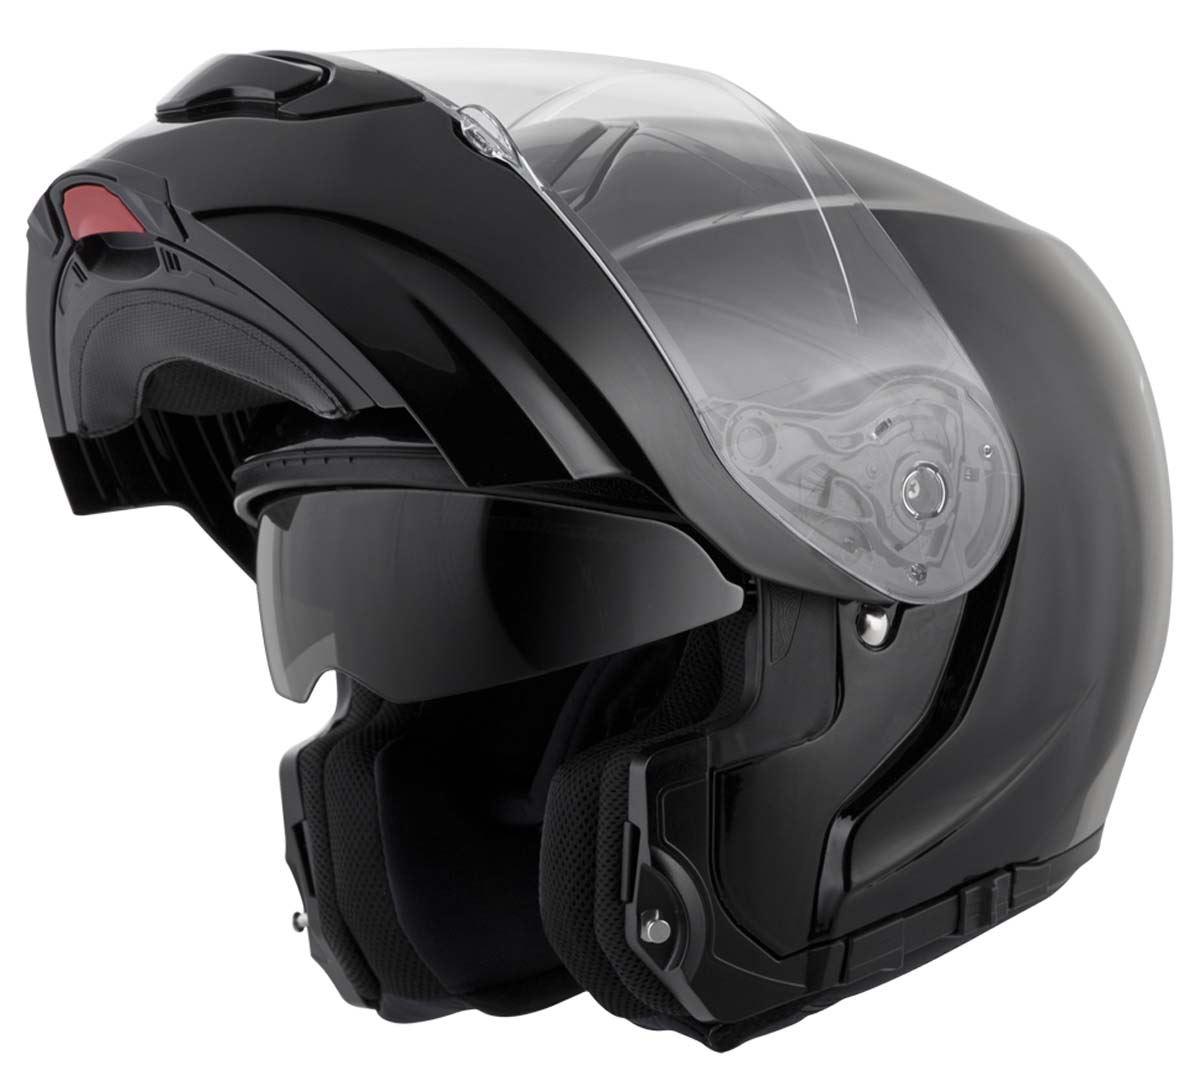 Scorpion-EXO-GT3000-Helmet-Modular-Flip-Up-Premium-DOT-Approved-XS-2XL miniature 8